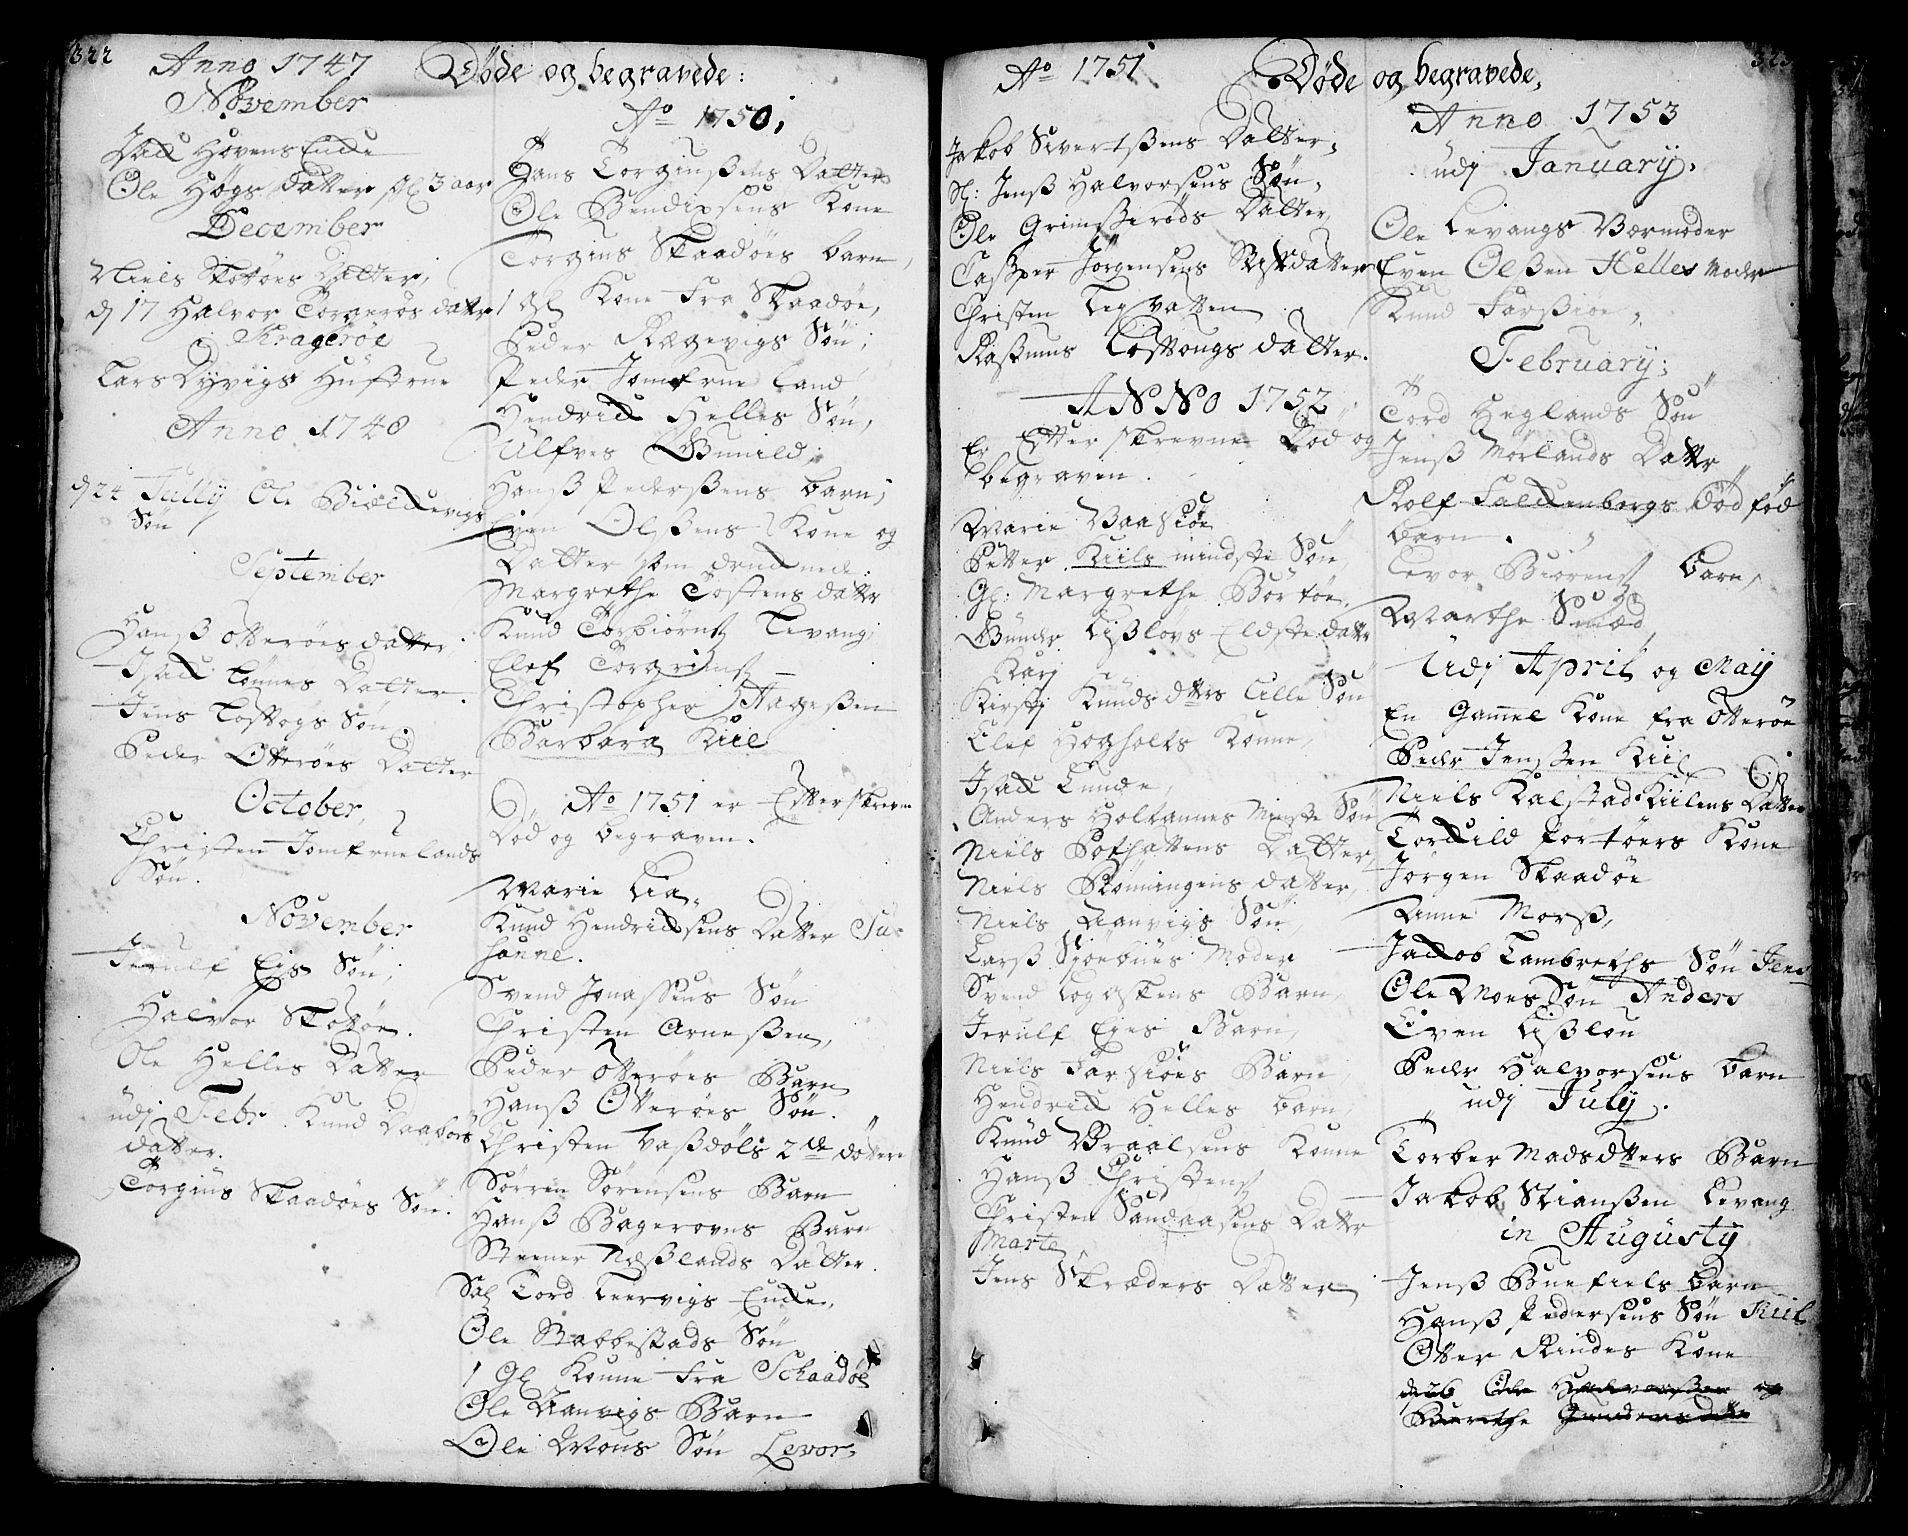 SAKO, Sannidal kirkebøker, F/Fa/L0001: Ministerialbok nr. 1, 1702-1766, s. 322-323